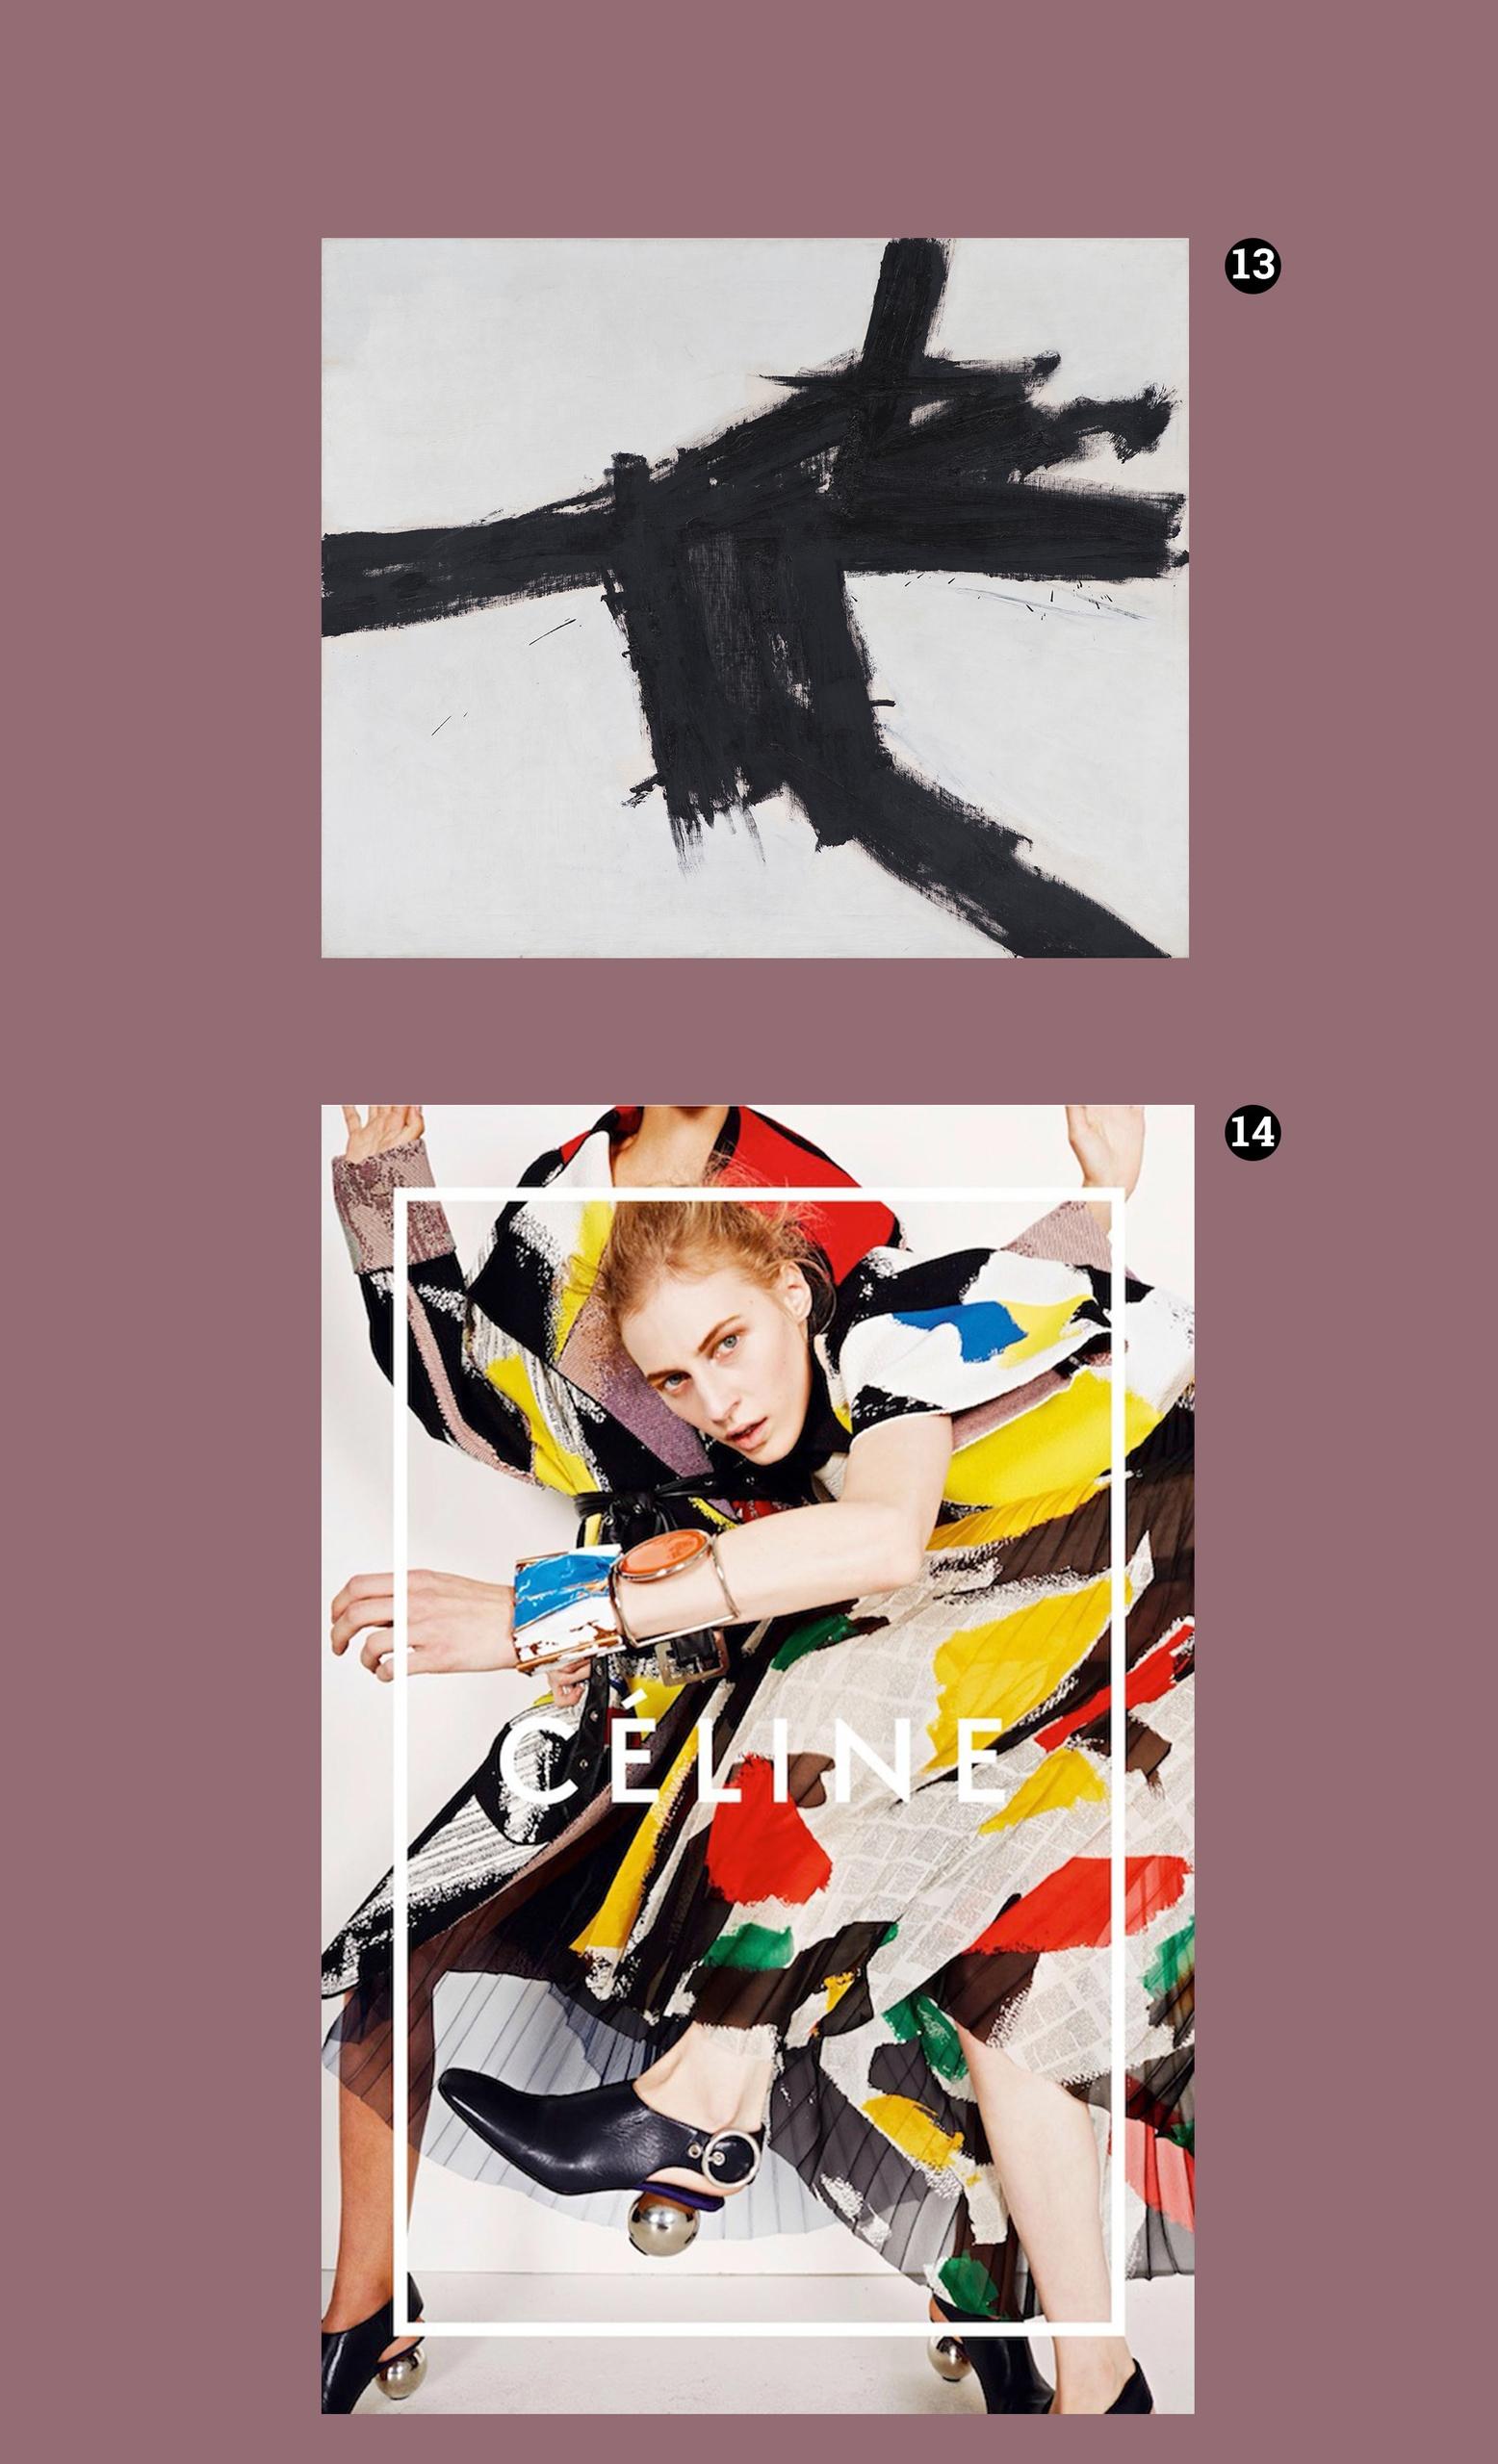 Obraz przedstawia dwa zdjęcia na fioletowym tle. Jedno z nich przedstawia czarno-biały obraz olejny, a drugie modelkę w kolorowych ubraniach.